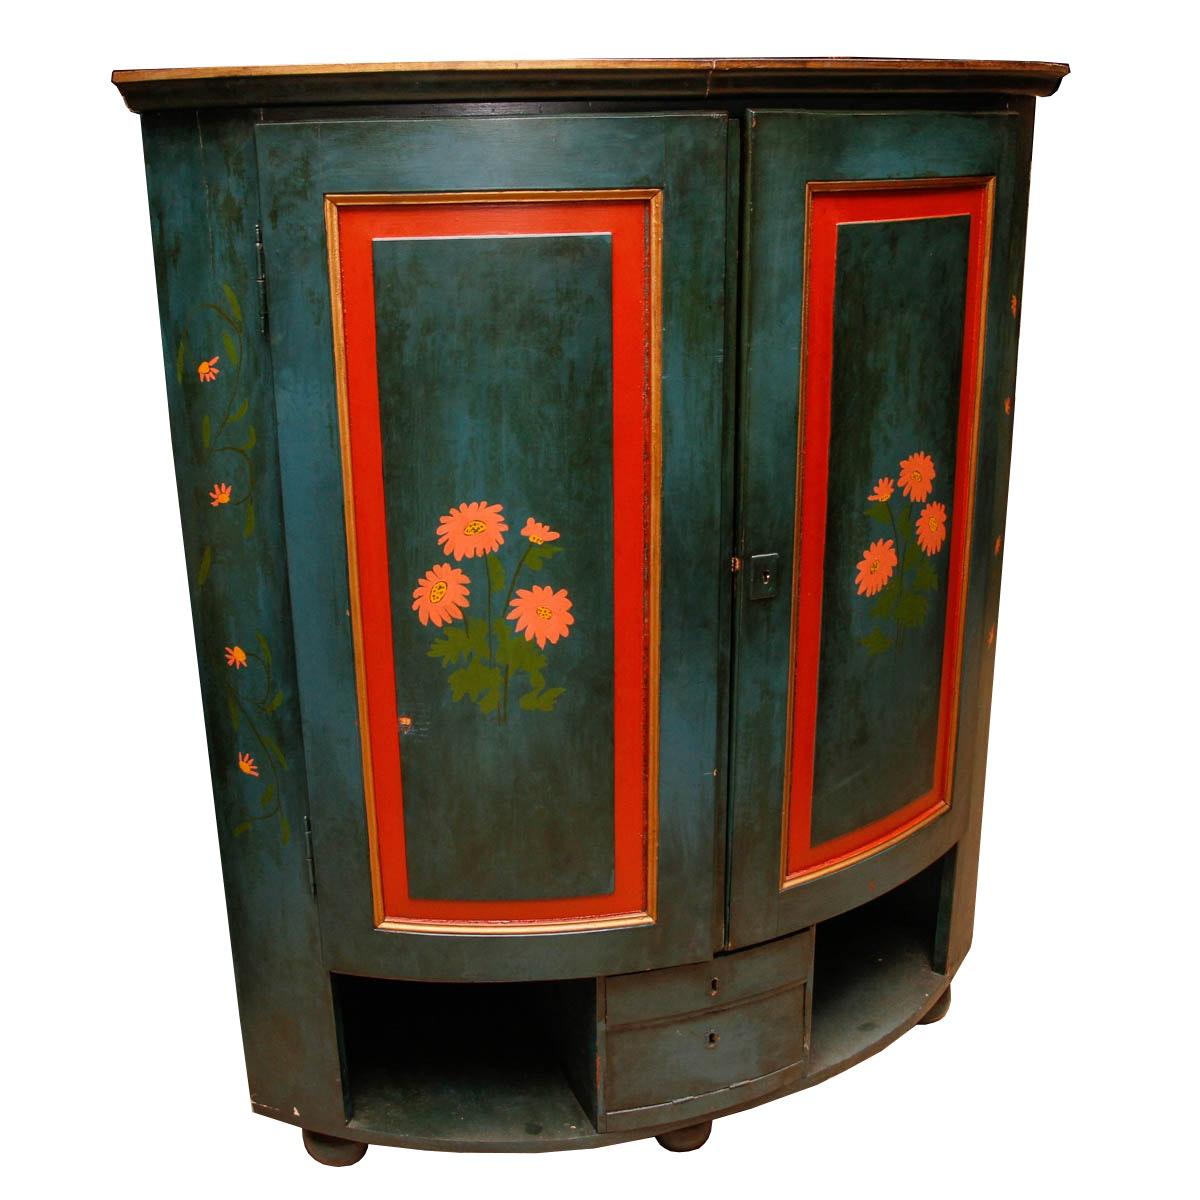 Antique Paint-Decorated Corner Cupboard